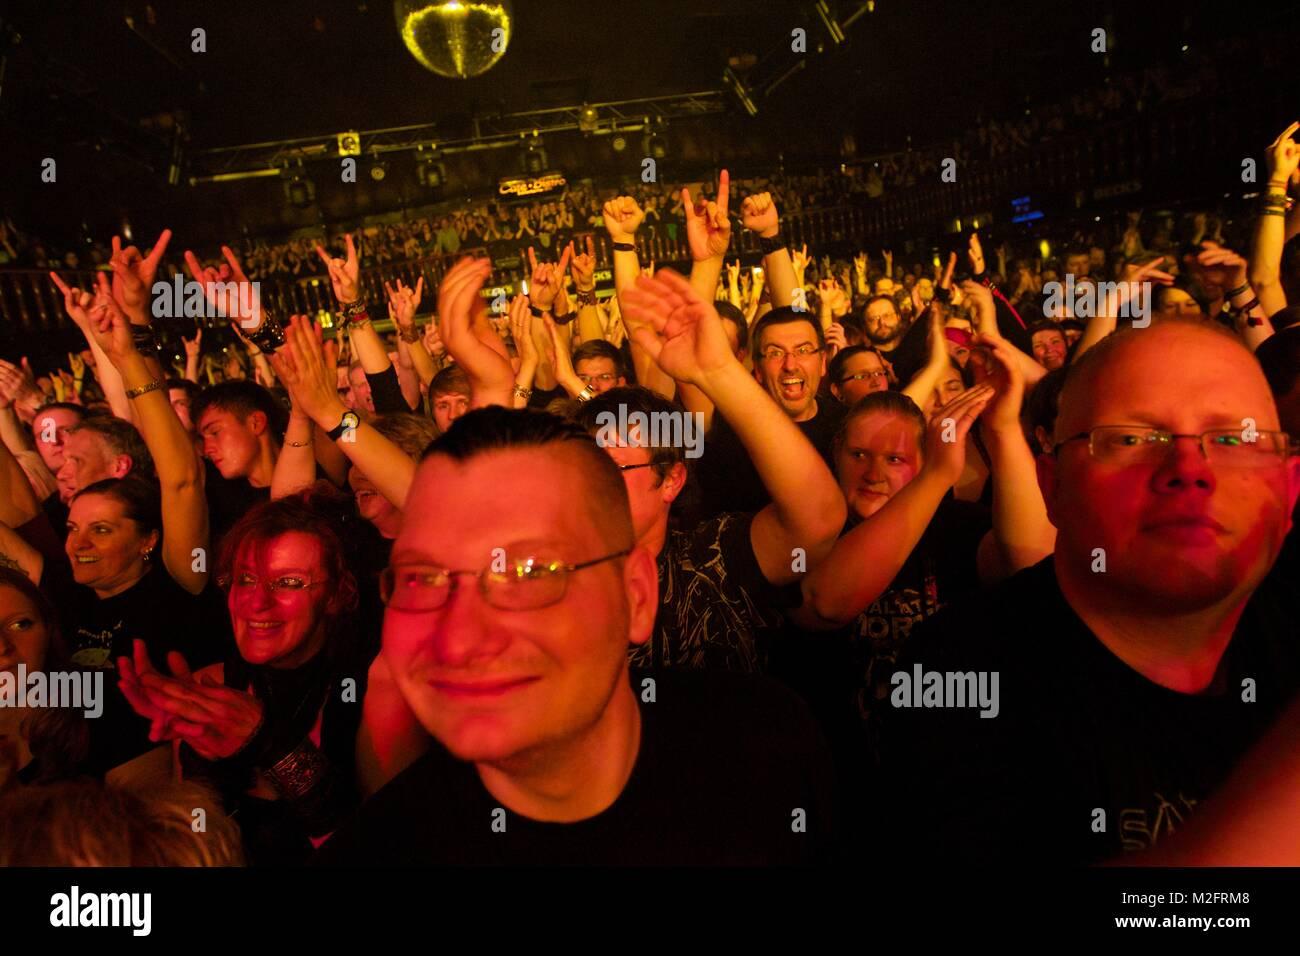 Die deutsche Mittelalter-Rock-Band SALTATIO MORTIS spielte am 16.10.2013 live in der ausverkauften Gr. Freiheit - Stock Image